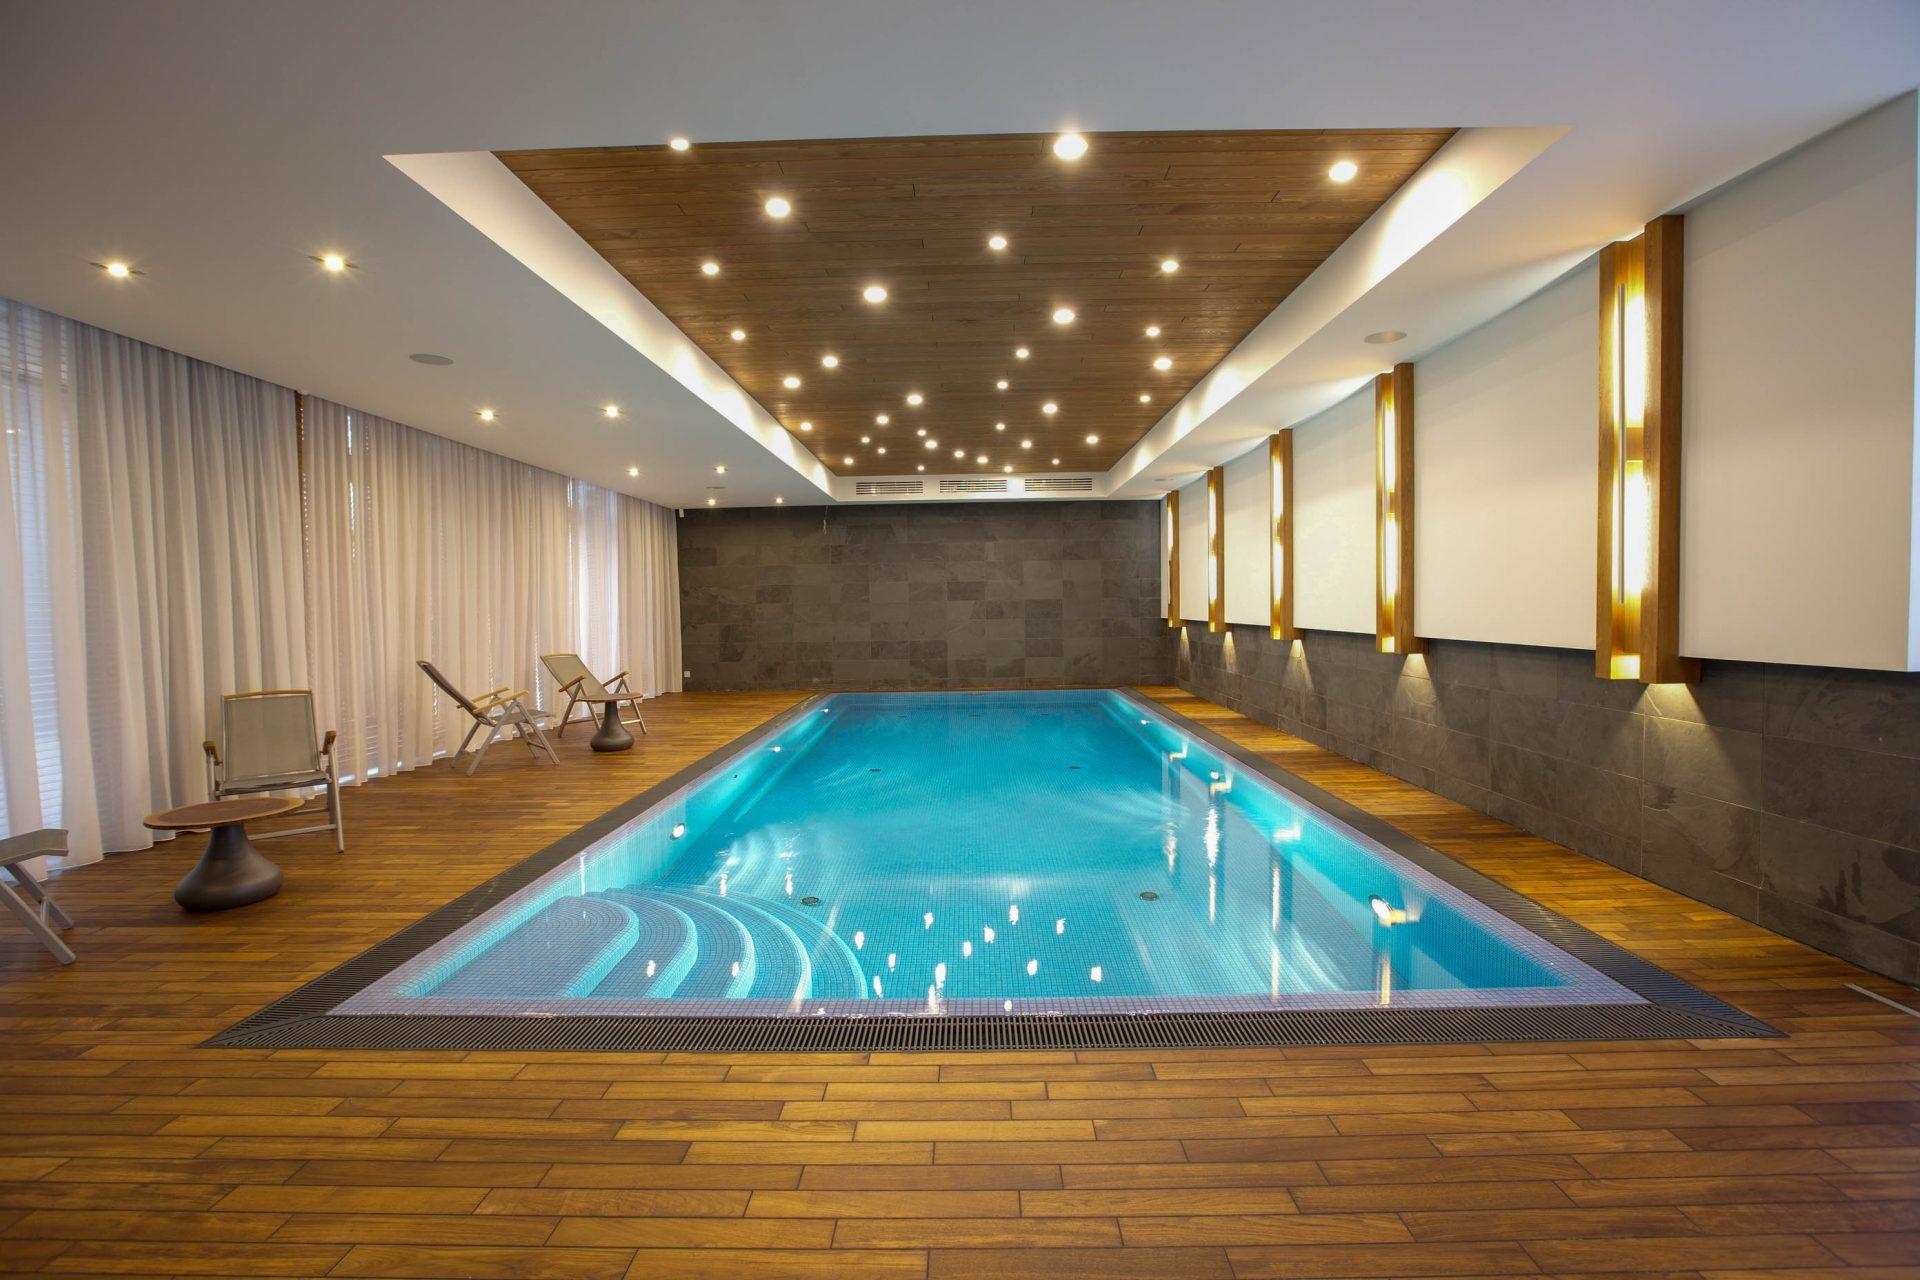 Частный уютный бассейн с освещением Allpools